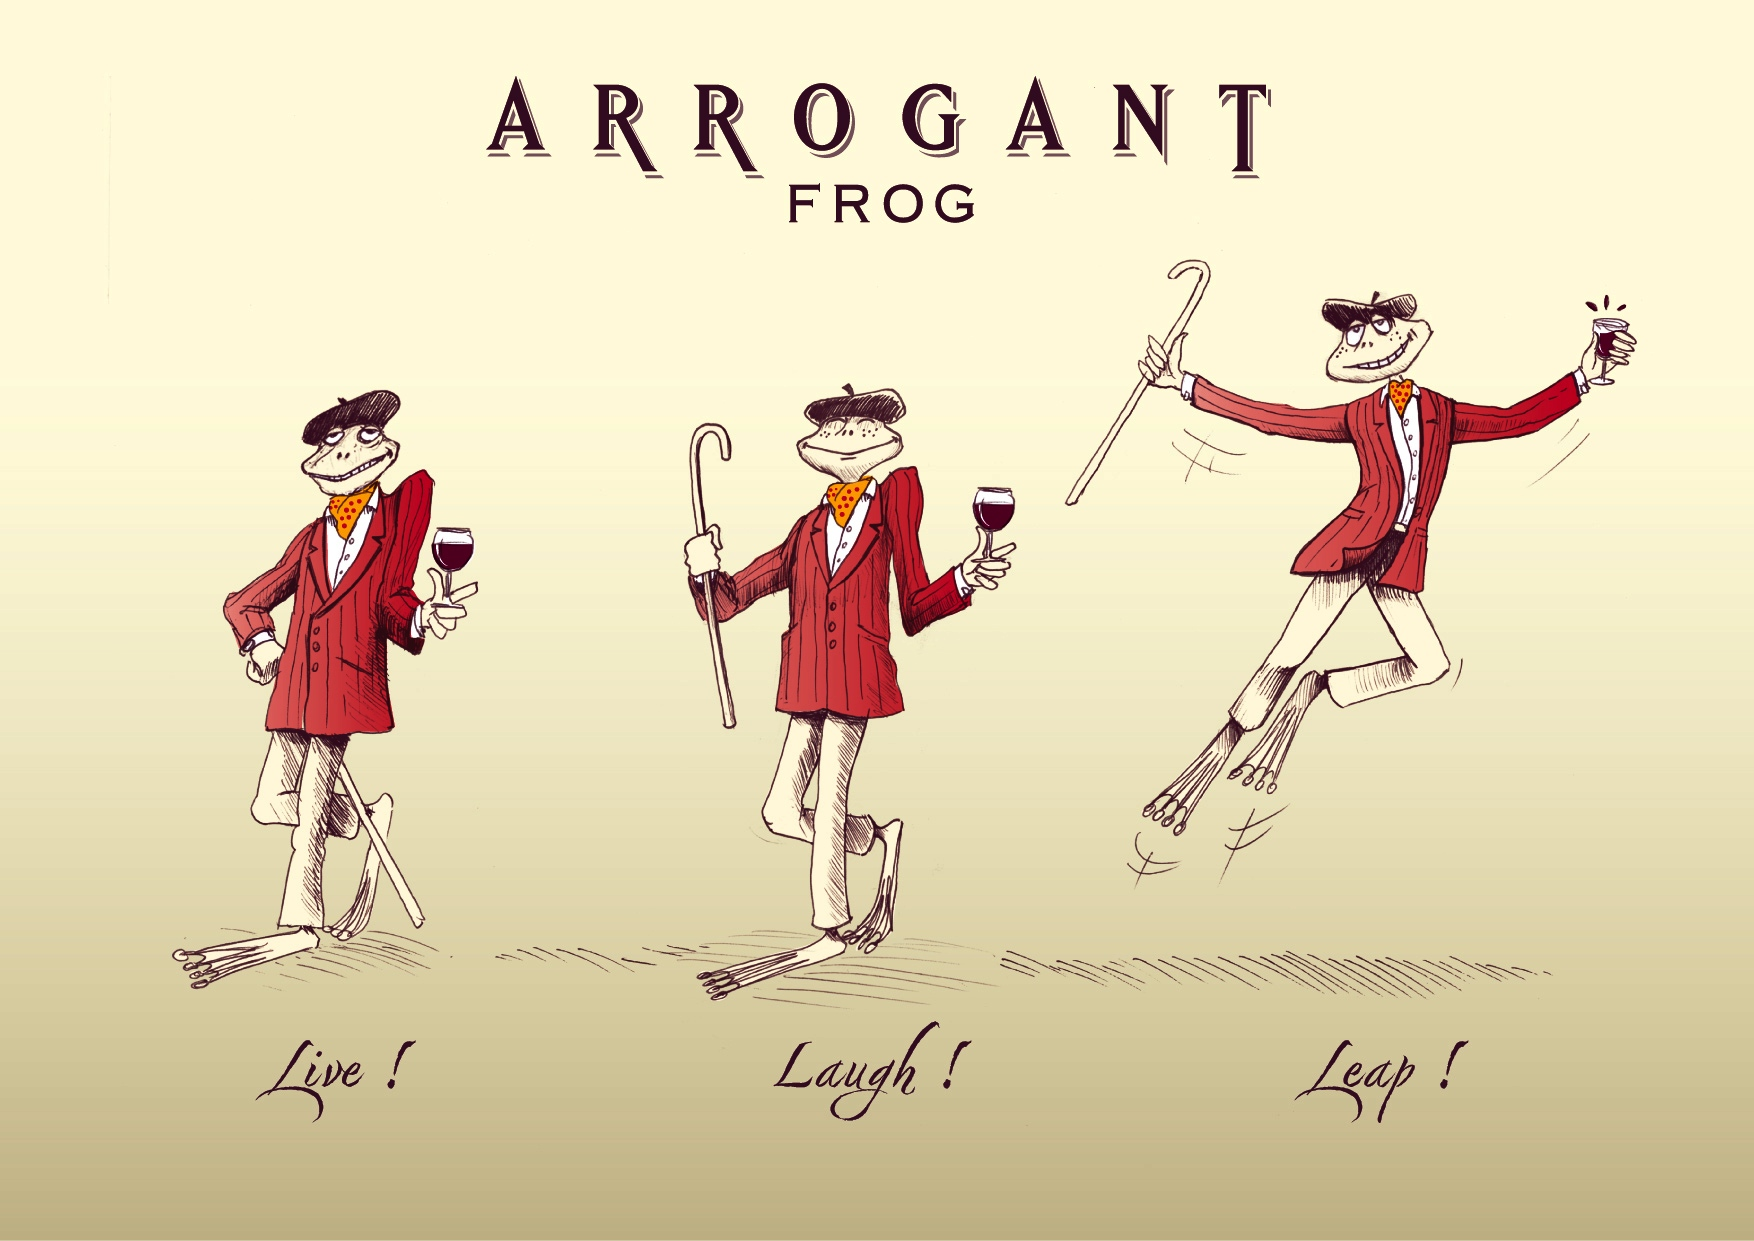 Arrogant Frog in Brazil